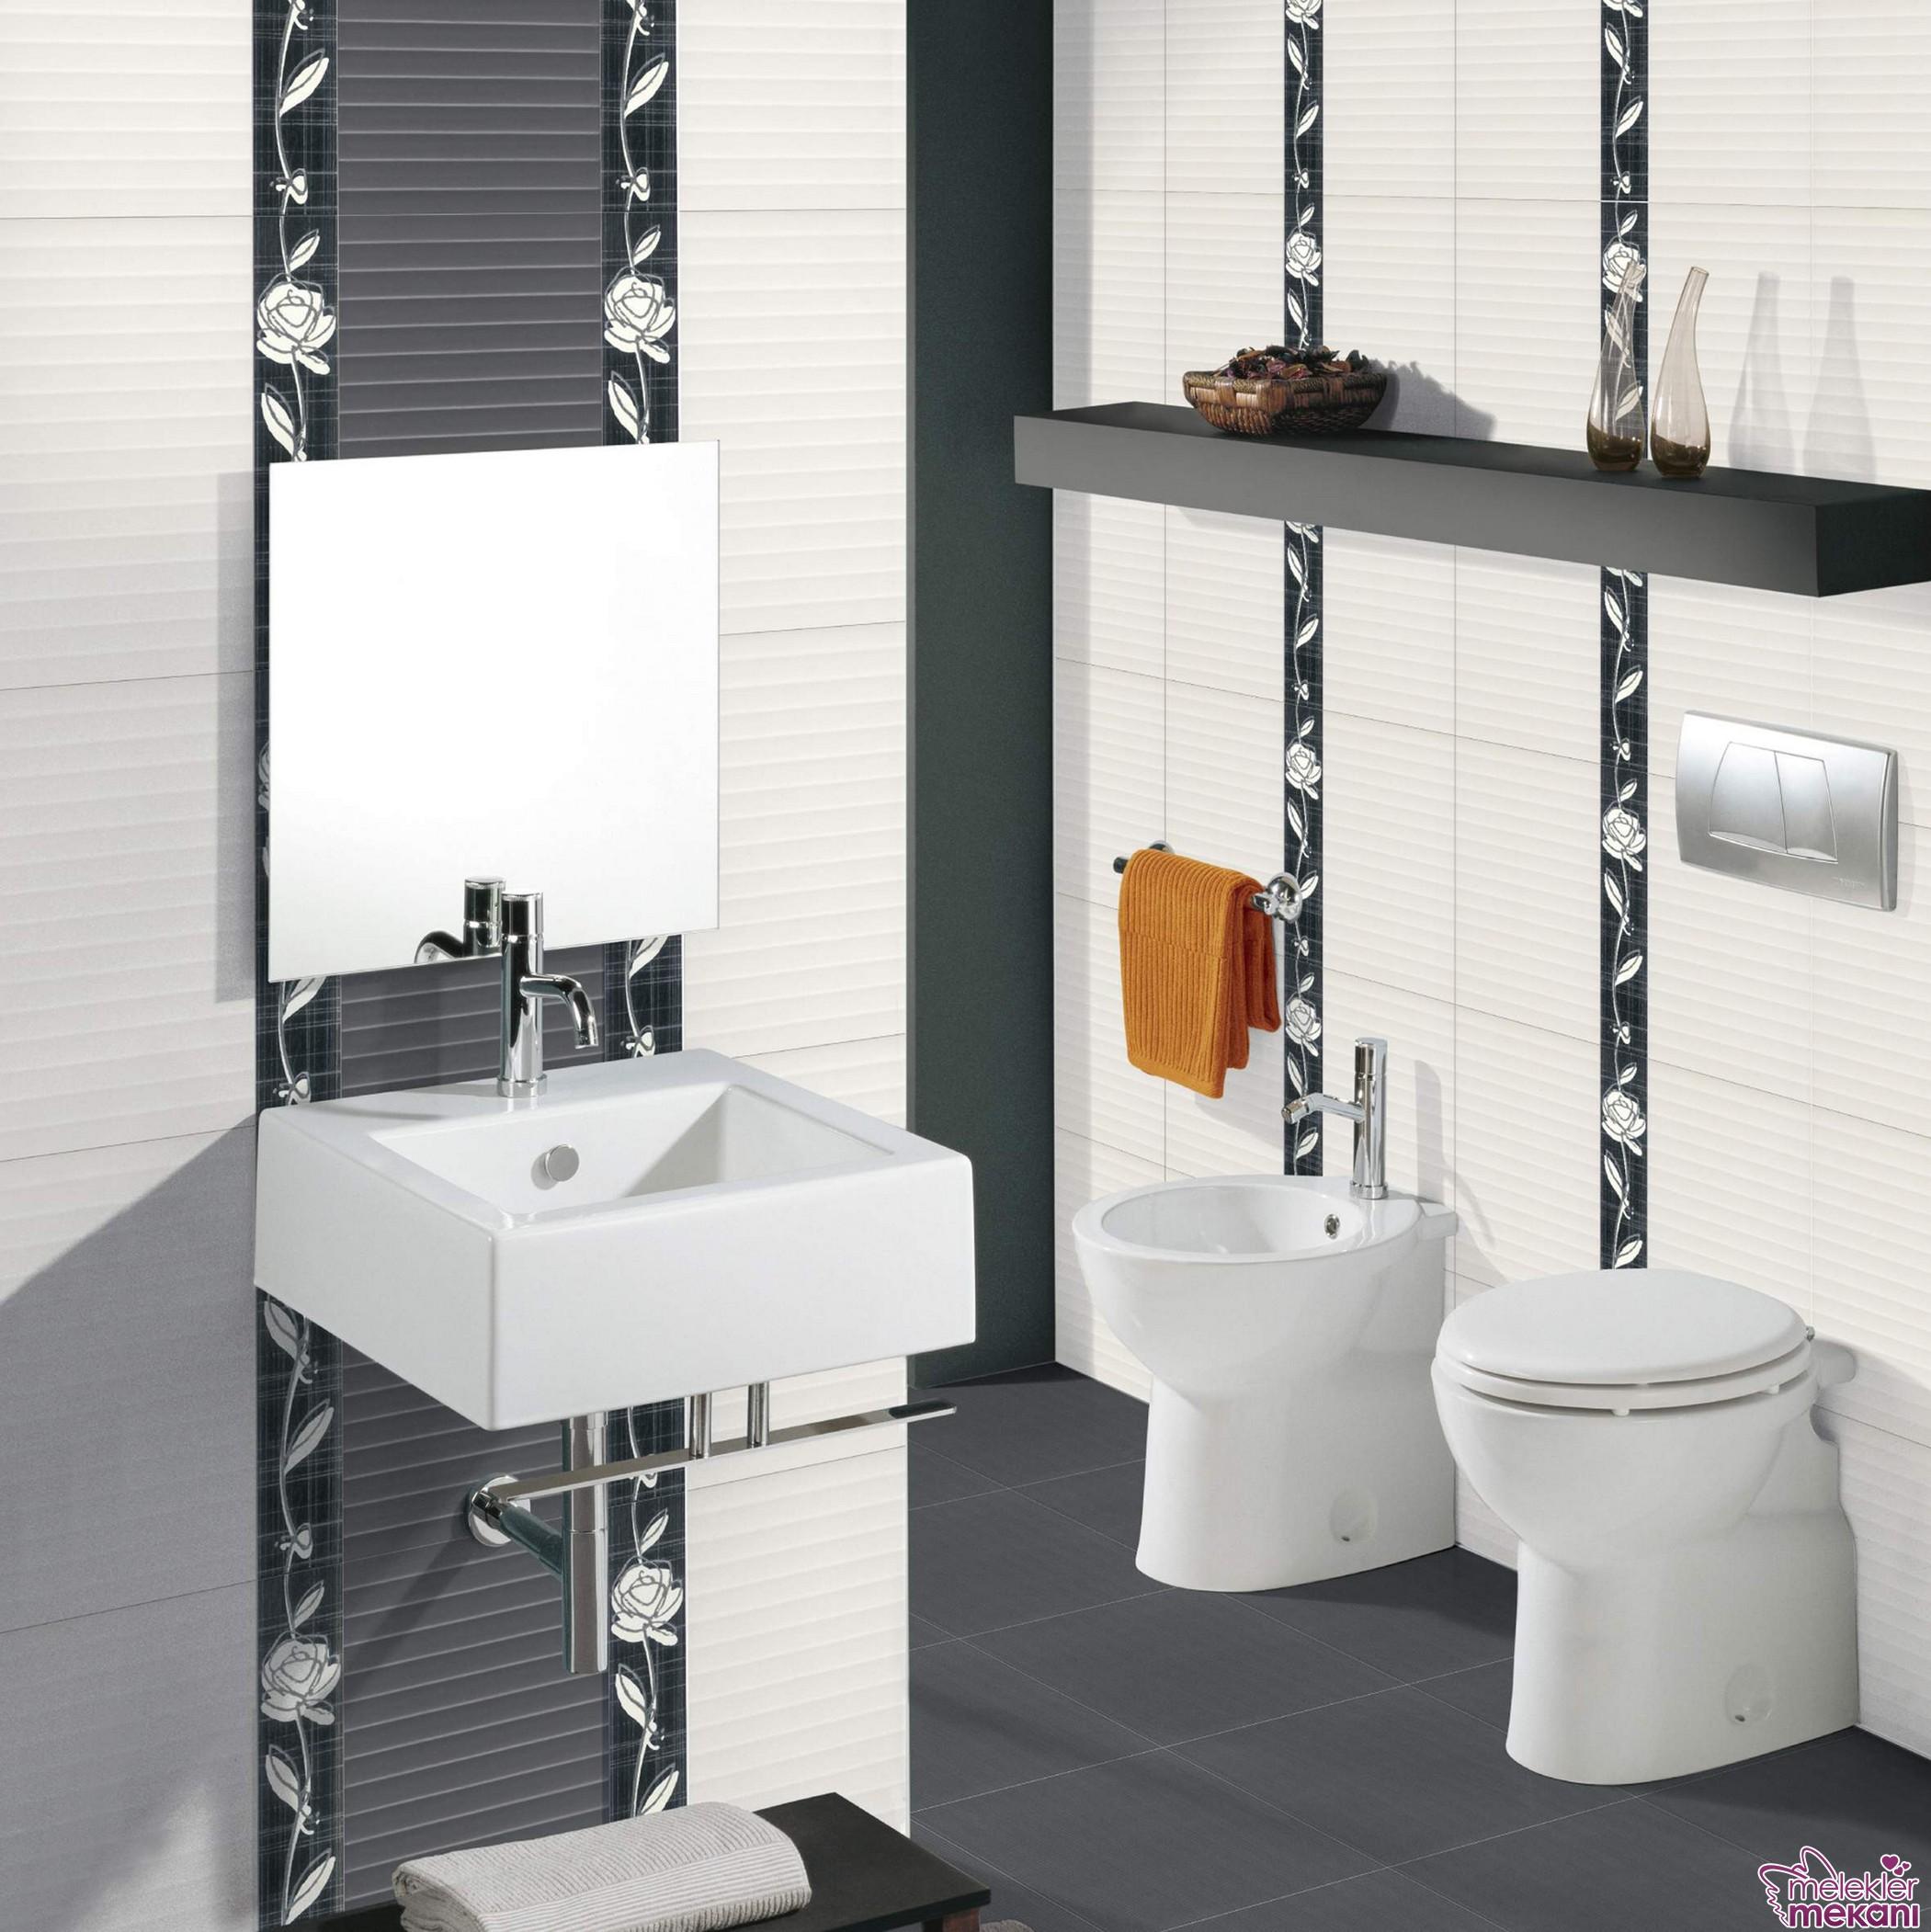 Yeni sezon banyo seramikleri dileyene modern görünüm yakalama fırsatı sunabilmektedir.